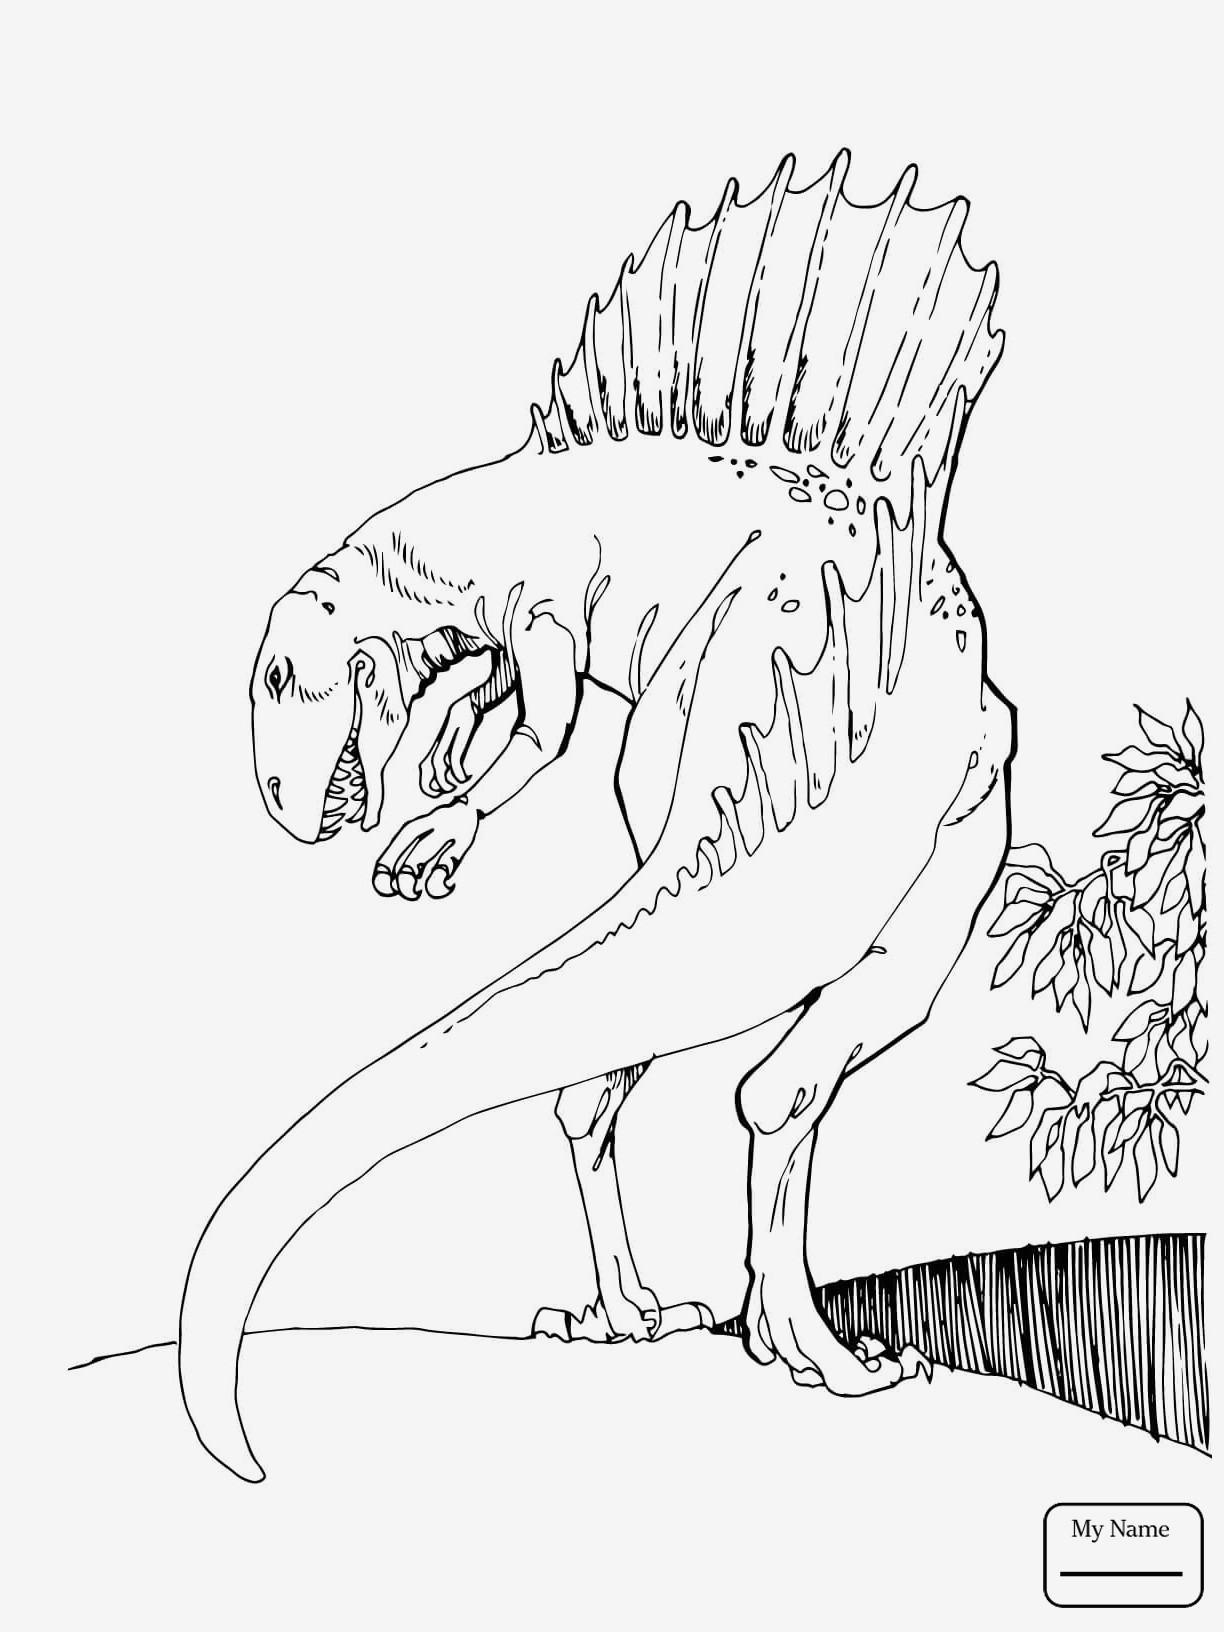 T Rex Ausmalbild Inspirierend Spannende Coloring Bilder T Rex Malvorlagen Kostenlos Sammlung